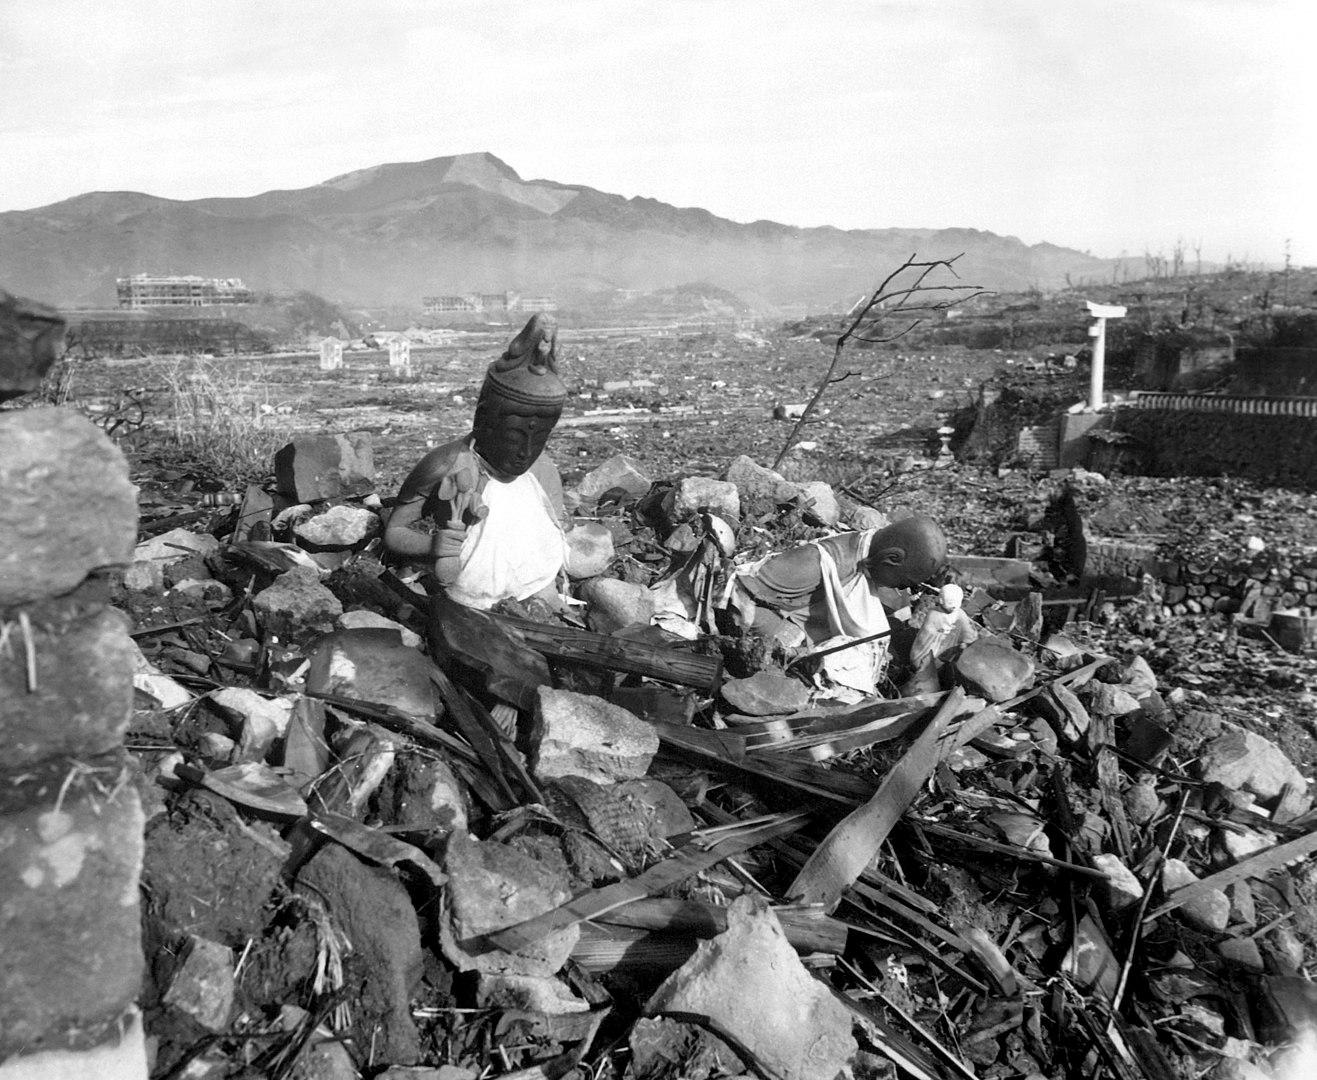 Nagasaki, 6 semanas después del ataque con bomba atómica de EEUU.